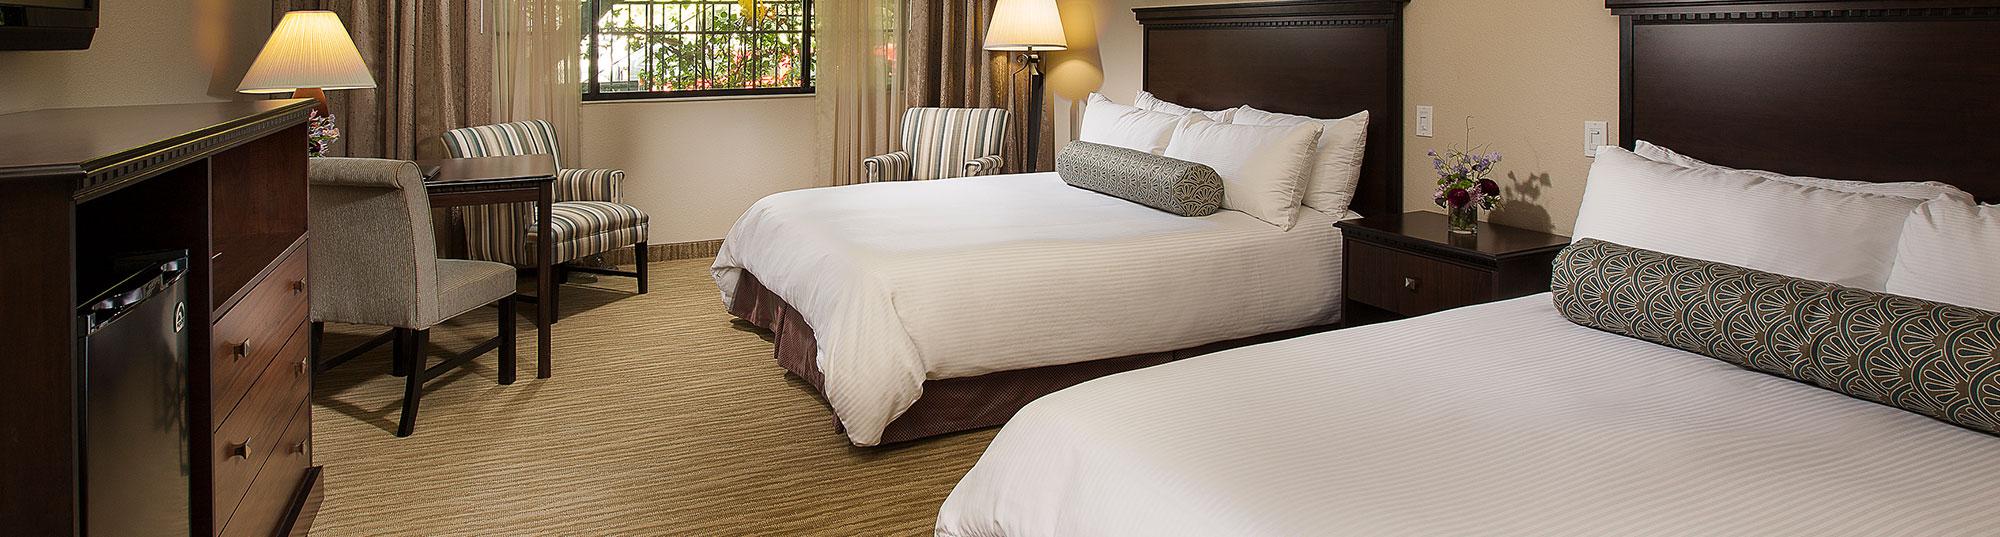 Deluxe Queen Hotel Burbank Coast Anabelle